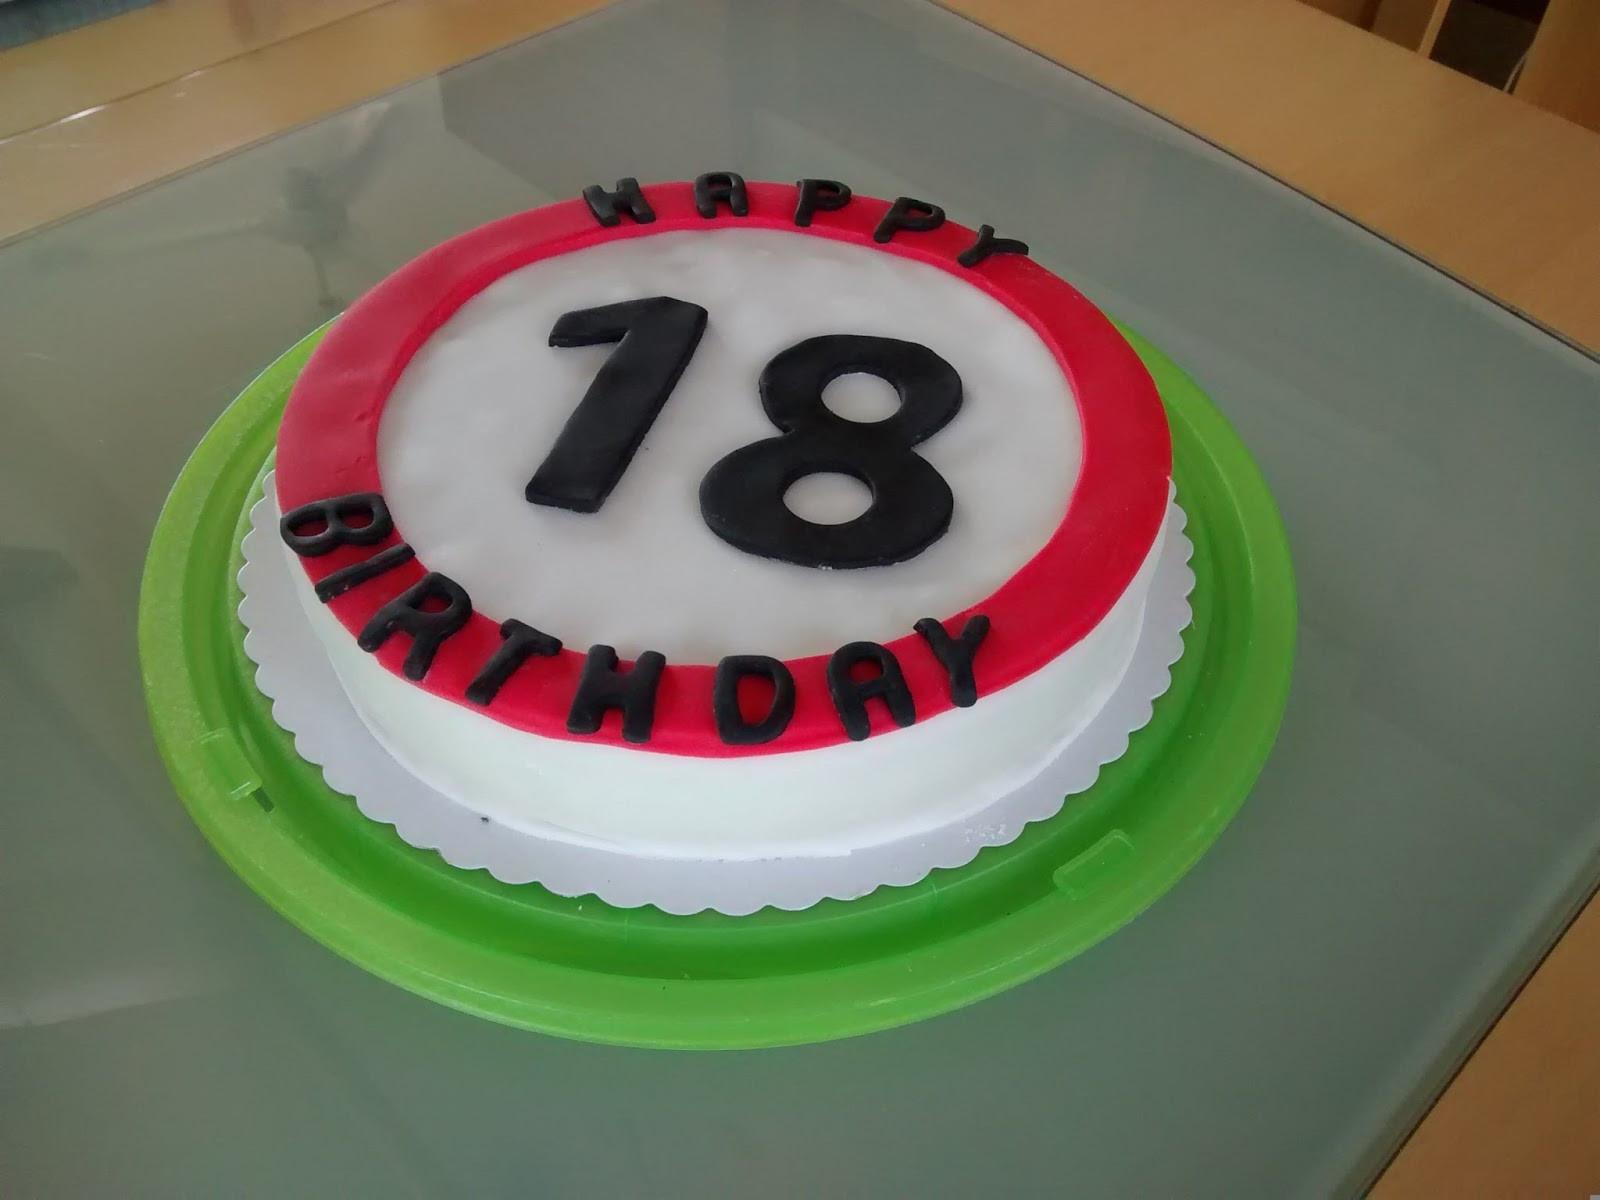 Geburtstagsgeschenk 18  Twink e Baking Torte zum 18 Geburtstag